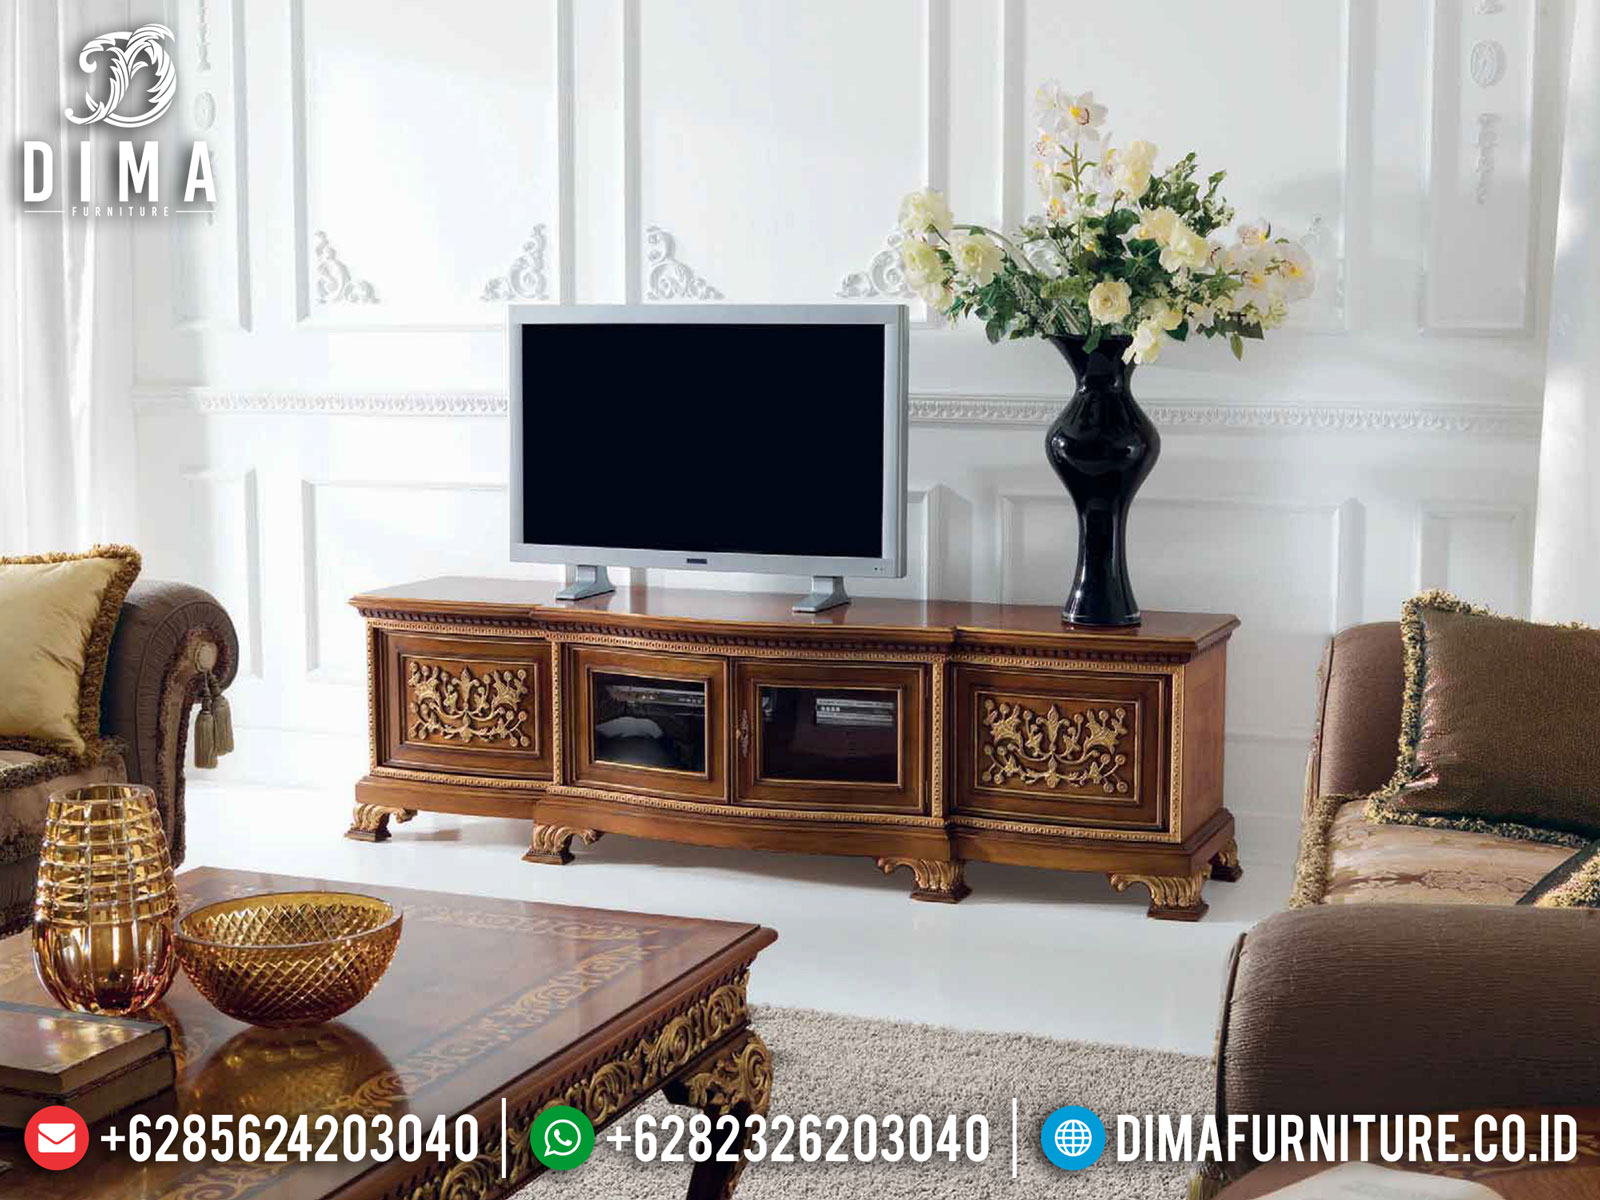 Desain Meja TV Mewah Jati Natural Color Interior Inspiring Design TTJ-1635